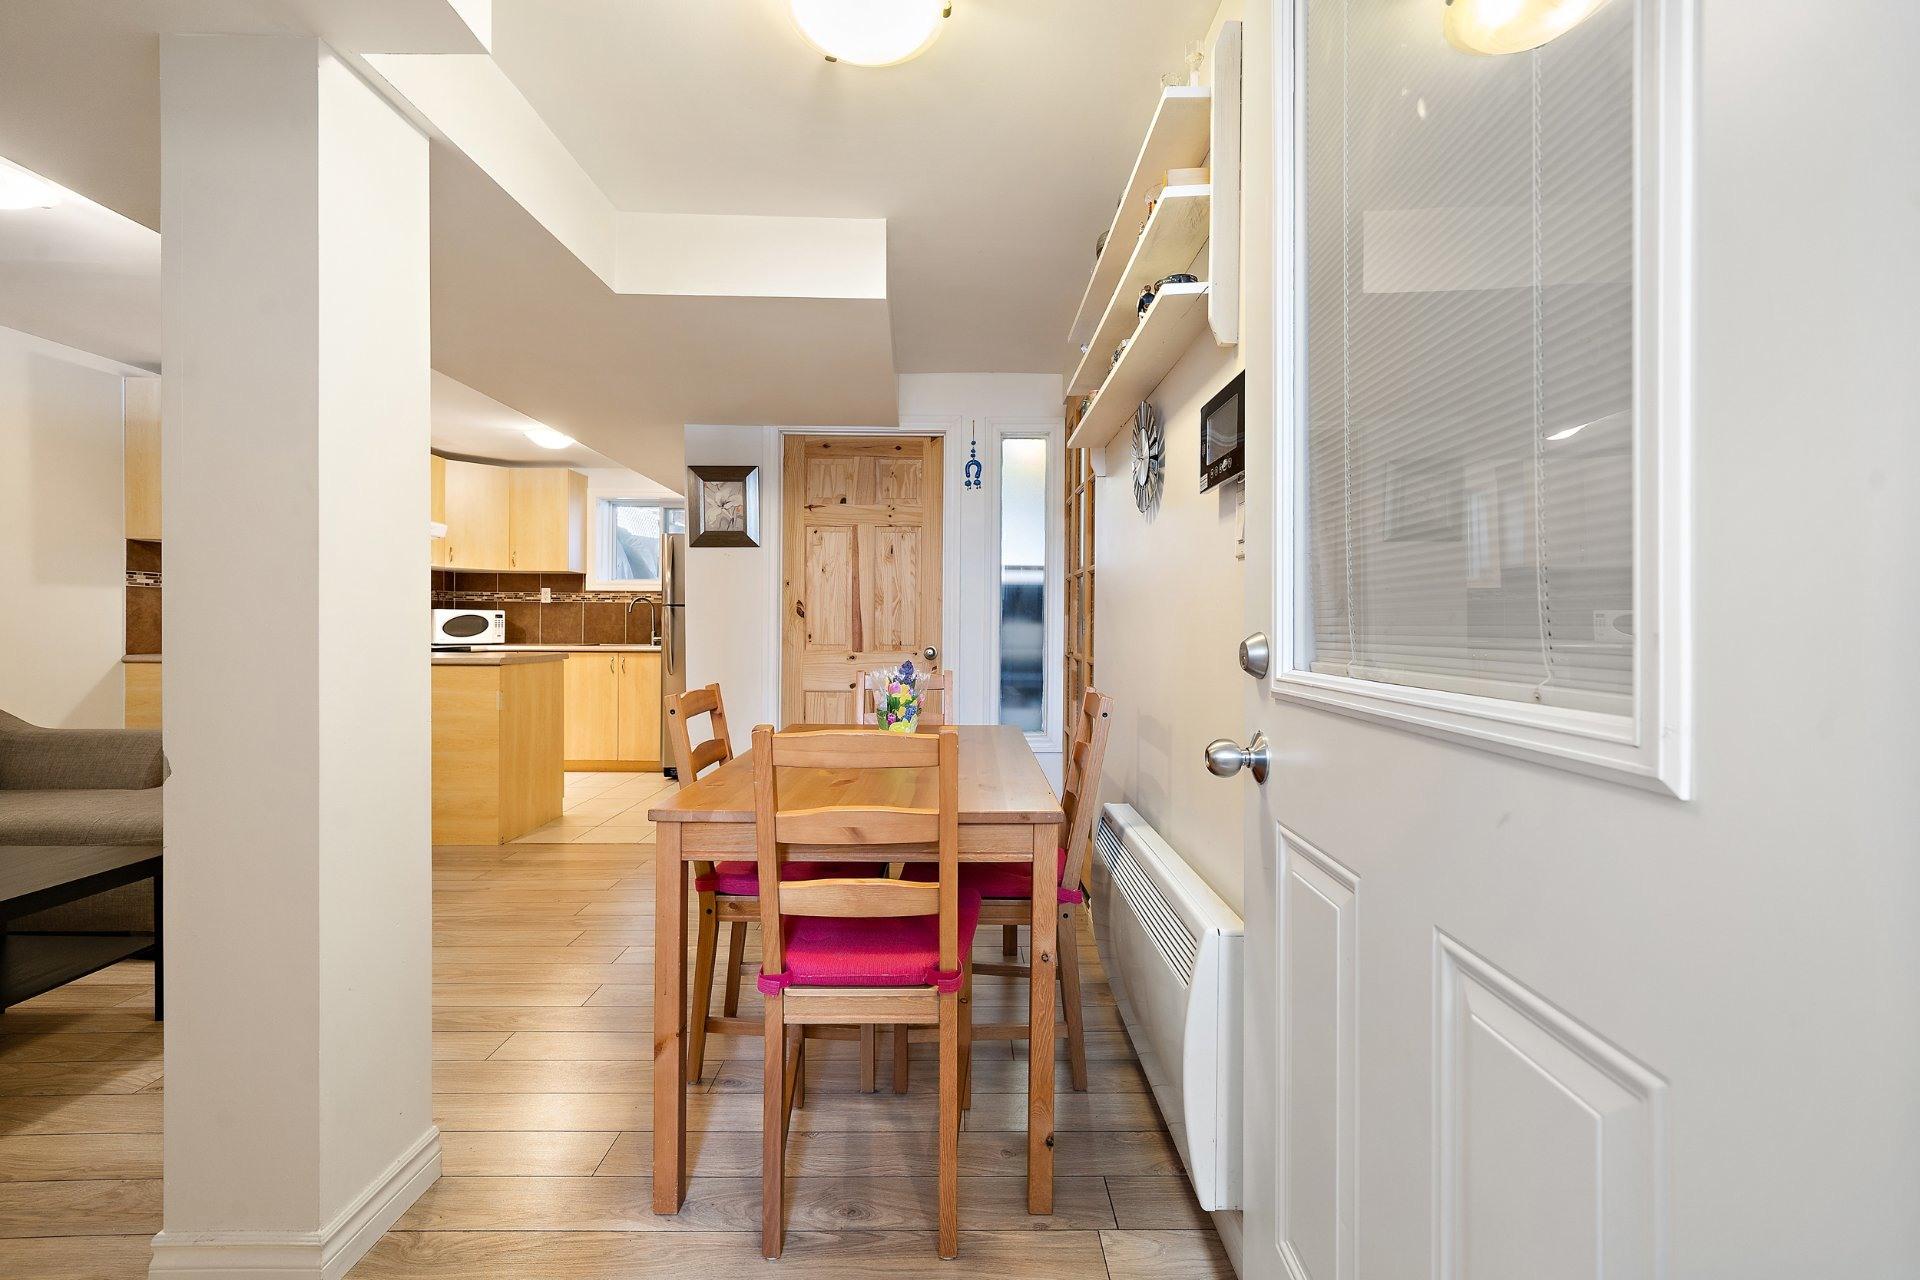 image 35 - Duplex For sale Montréal-Ouest - 5 rooms